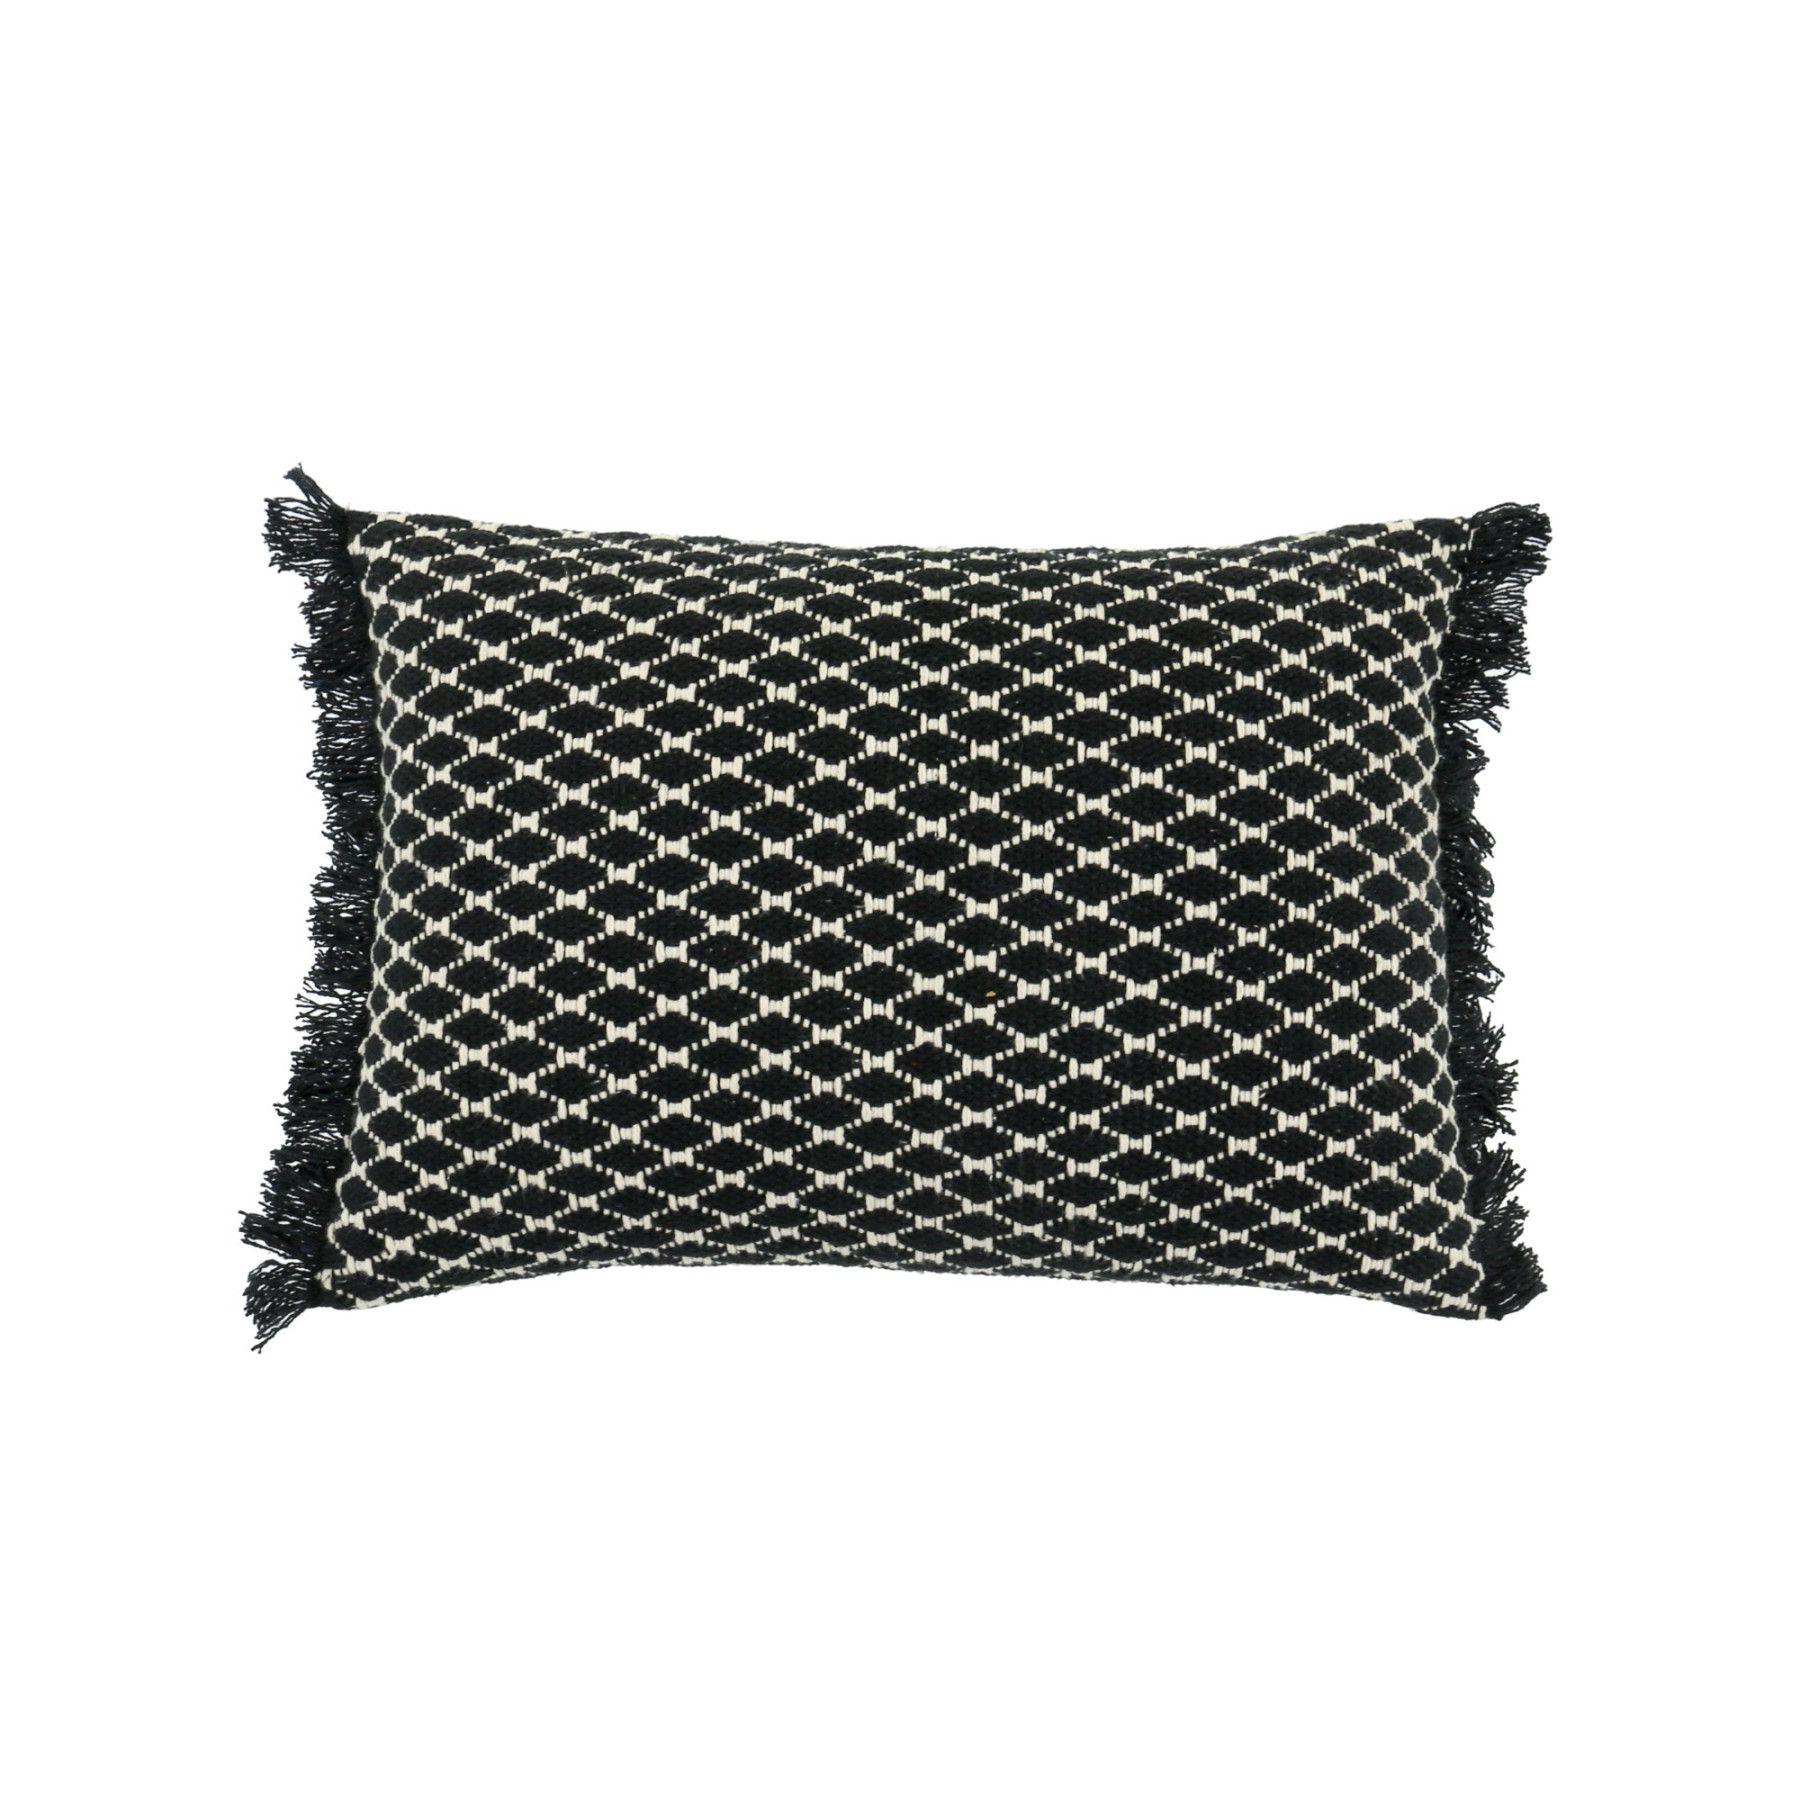 Coussin rectangulaire en coton tissé avec franges. Un style berbère très à la mode. Posez le sur votre canapé ou votre lit pour un rendu tendance. Coussin déhoussable et conforme aux exigences du décret 2000-164 daté du 23/02/2000. Dimensions (cm) : H35 x L50